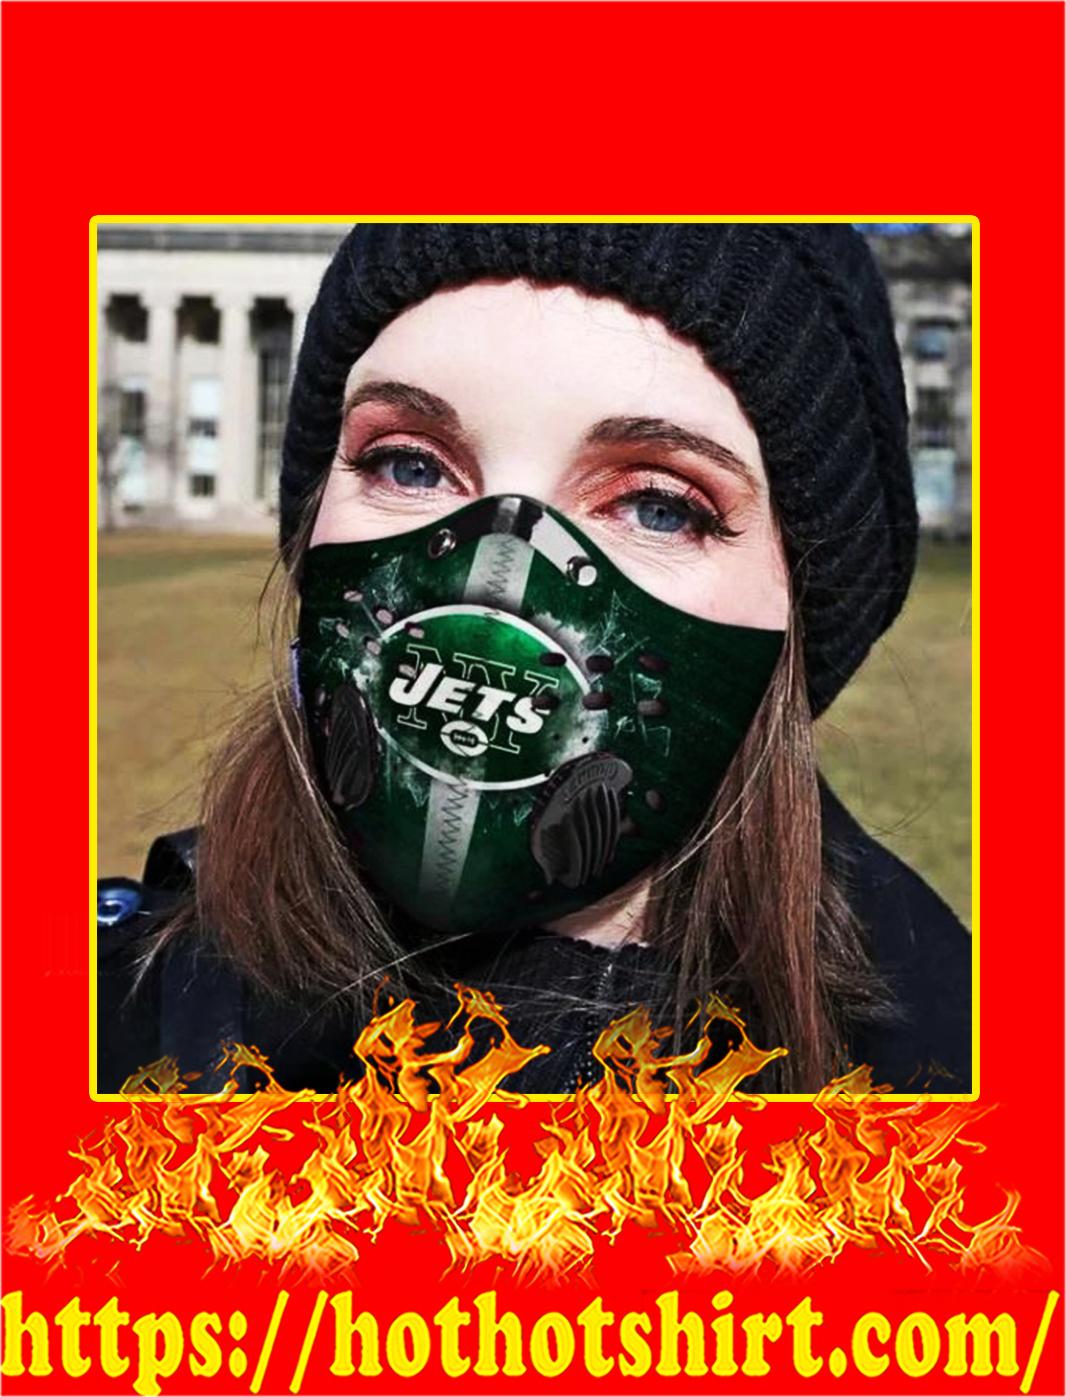 NY Jets POD face mask - pic 1